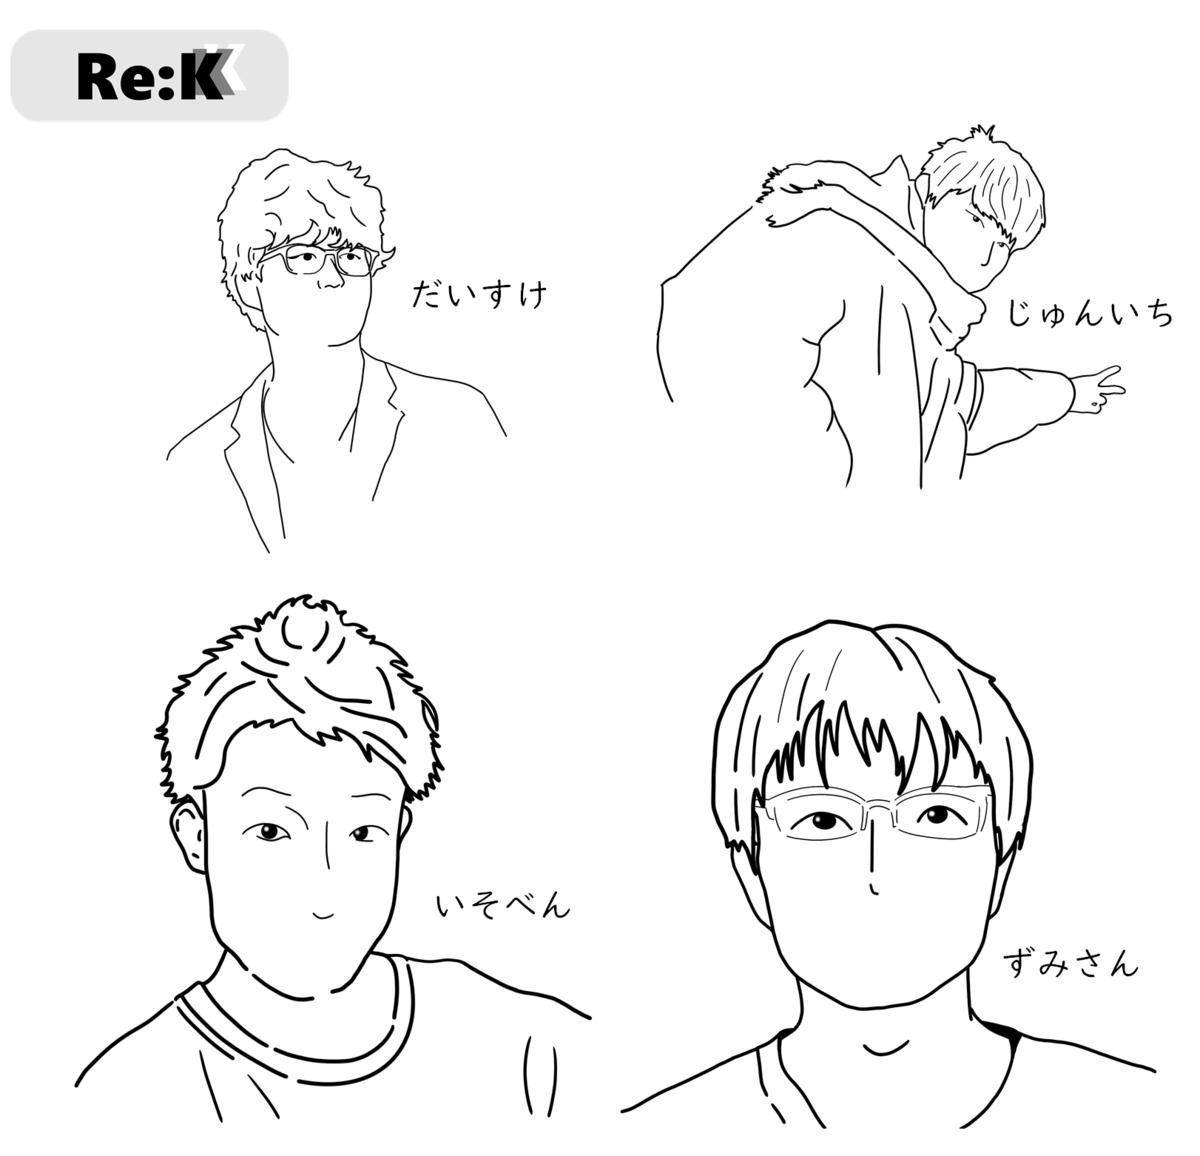 f:id:ReK2Science:20210111095835p:plain